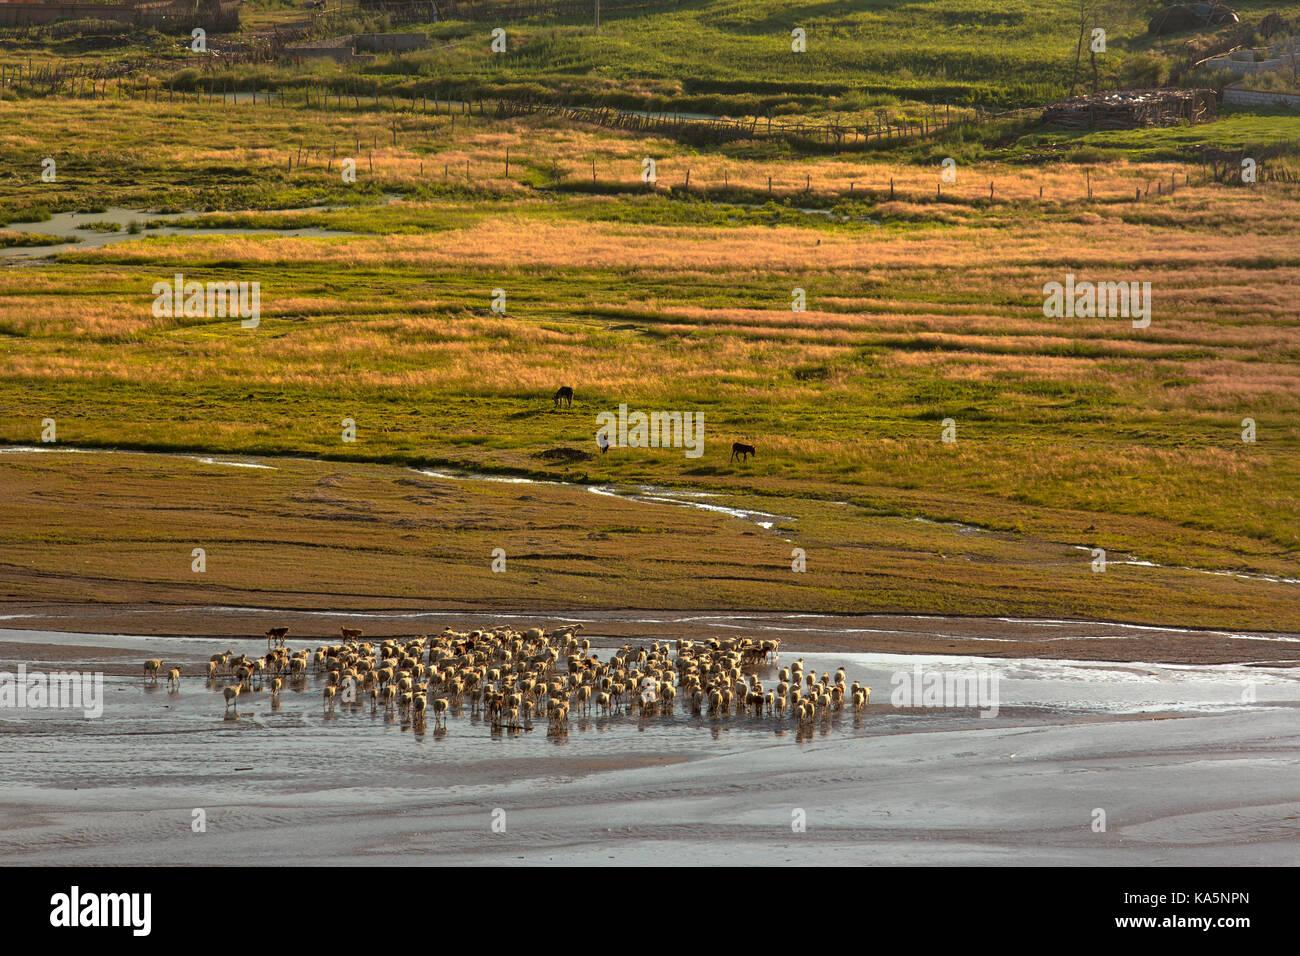 Allevamento di ovini Passeggiate sul fiume poco profondo Immagini Stock